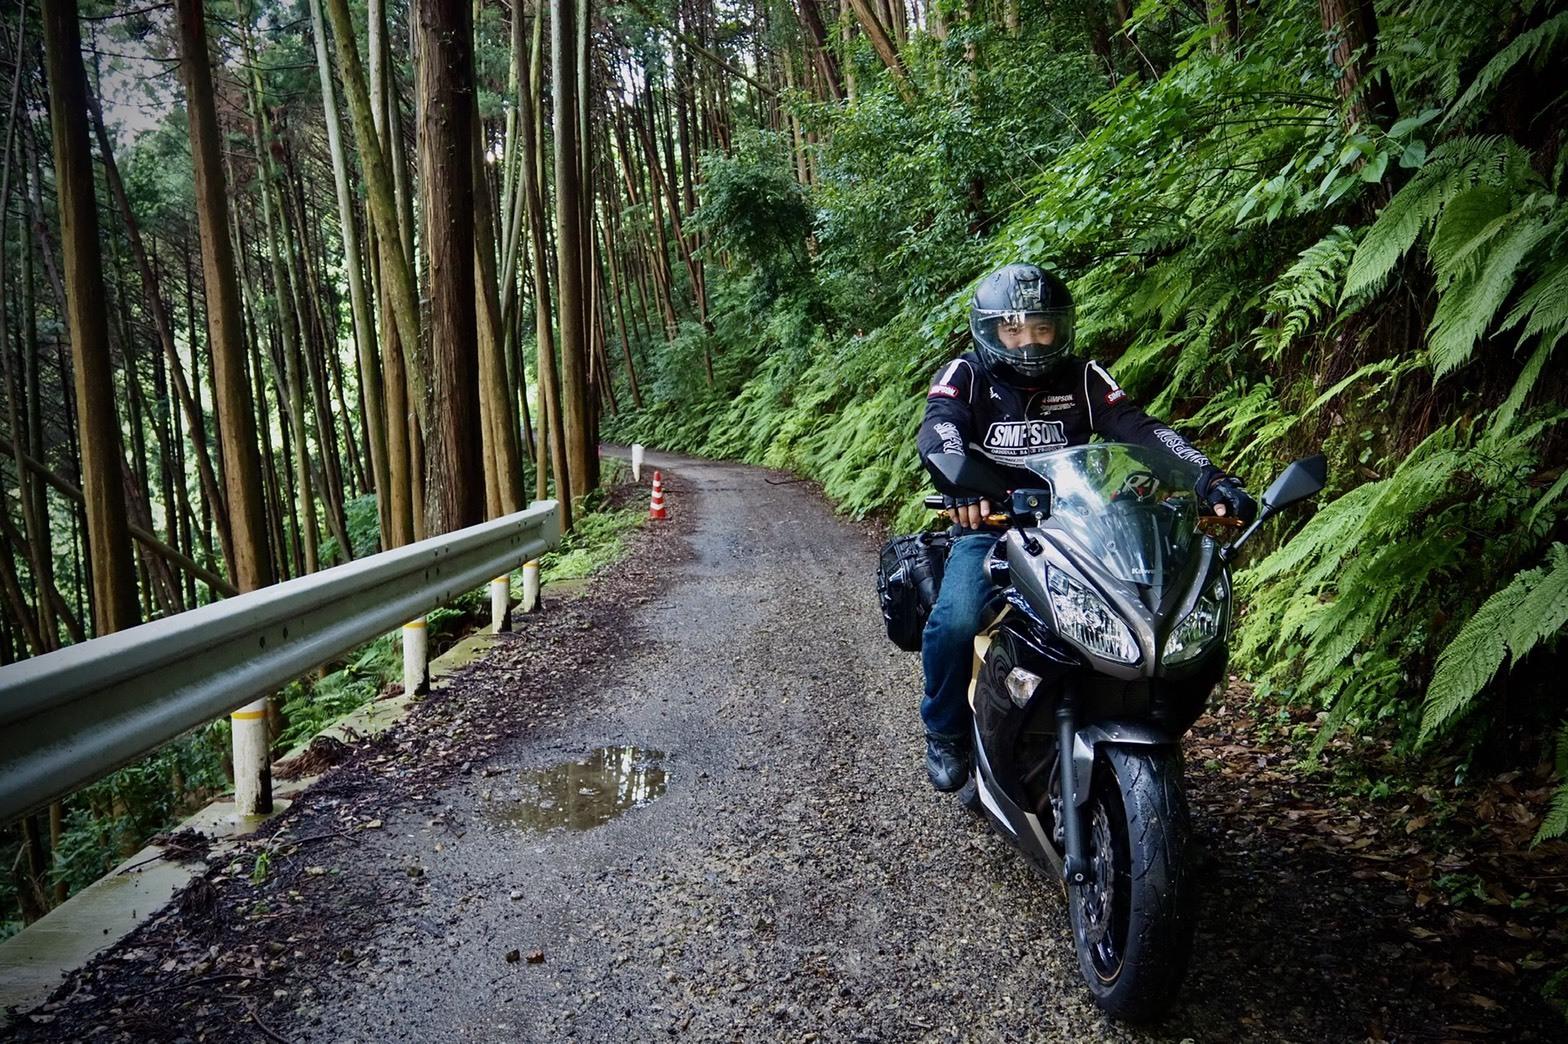 ぴーきち&ダイナ ハーレーブログ 京都 龍王の滝 悪路